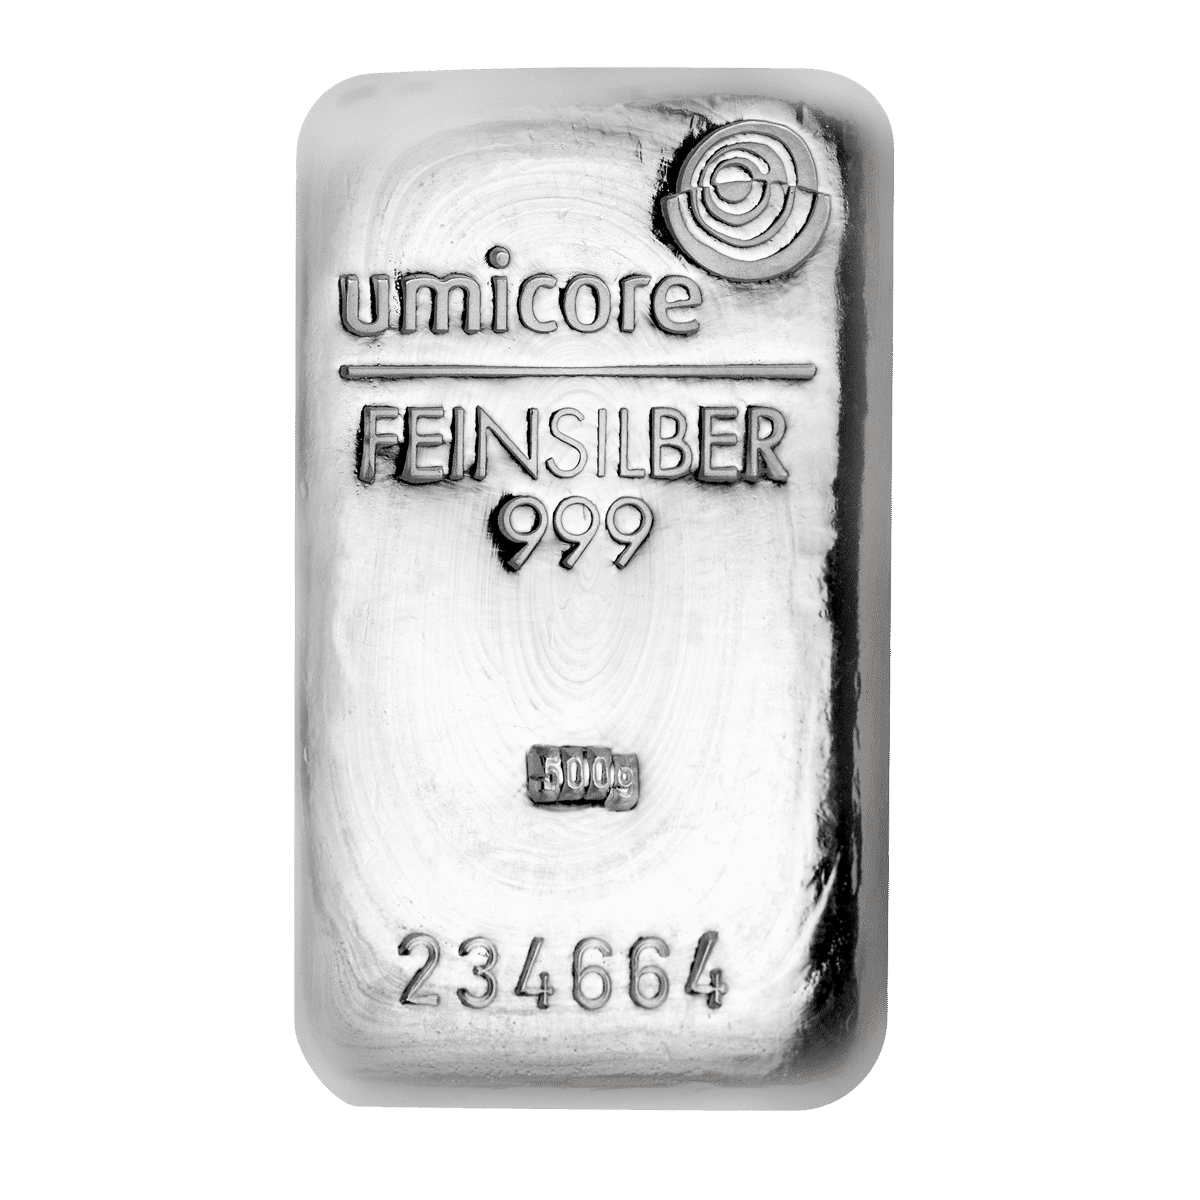 500g Silberbarren Detailansicht